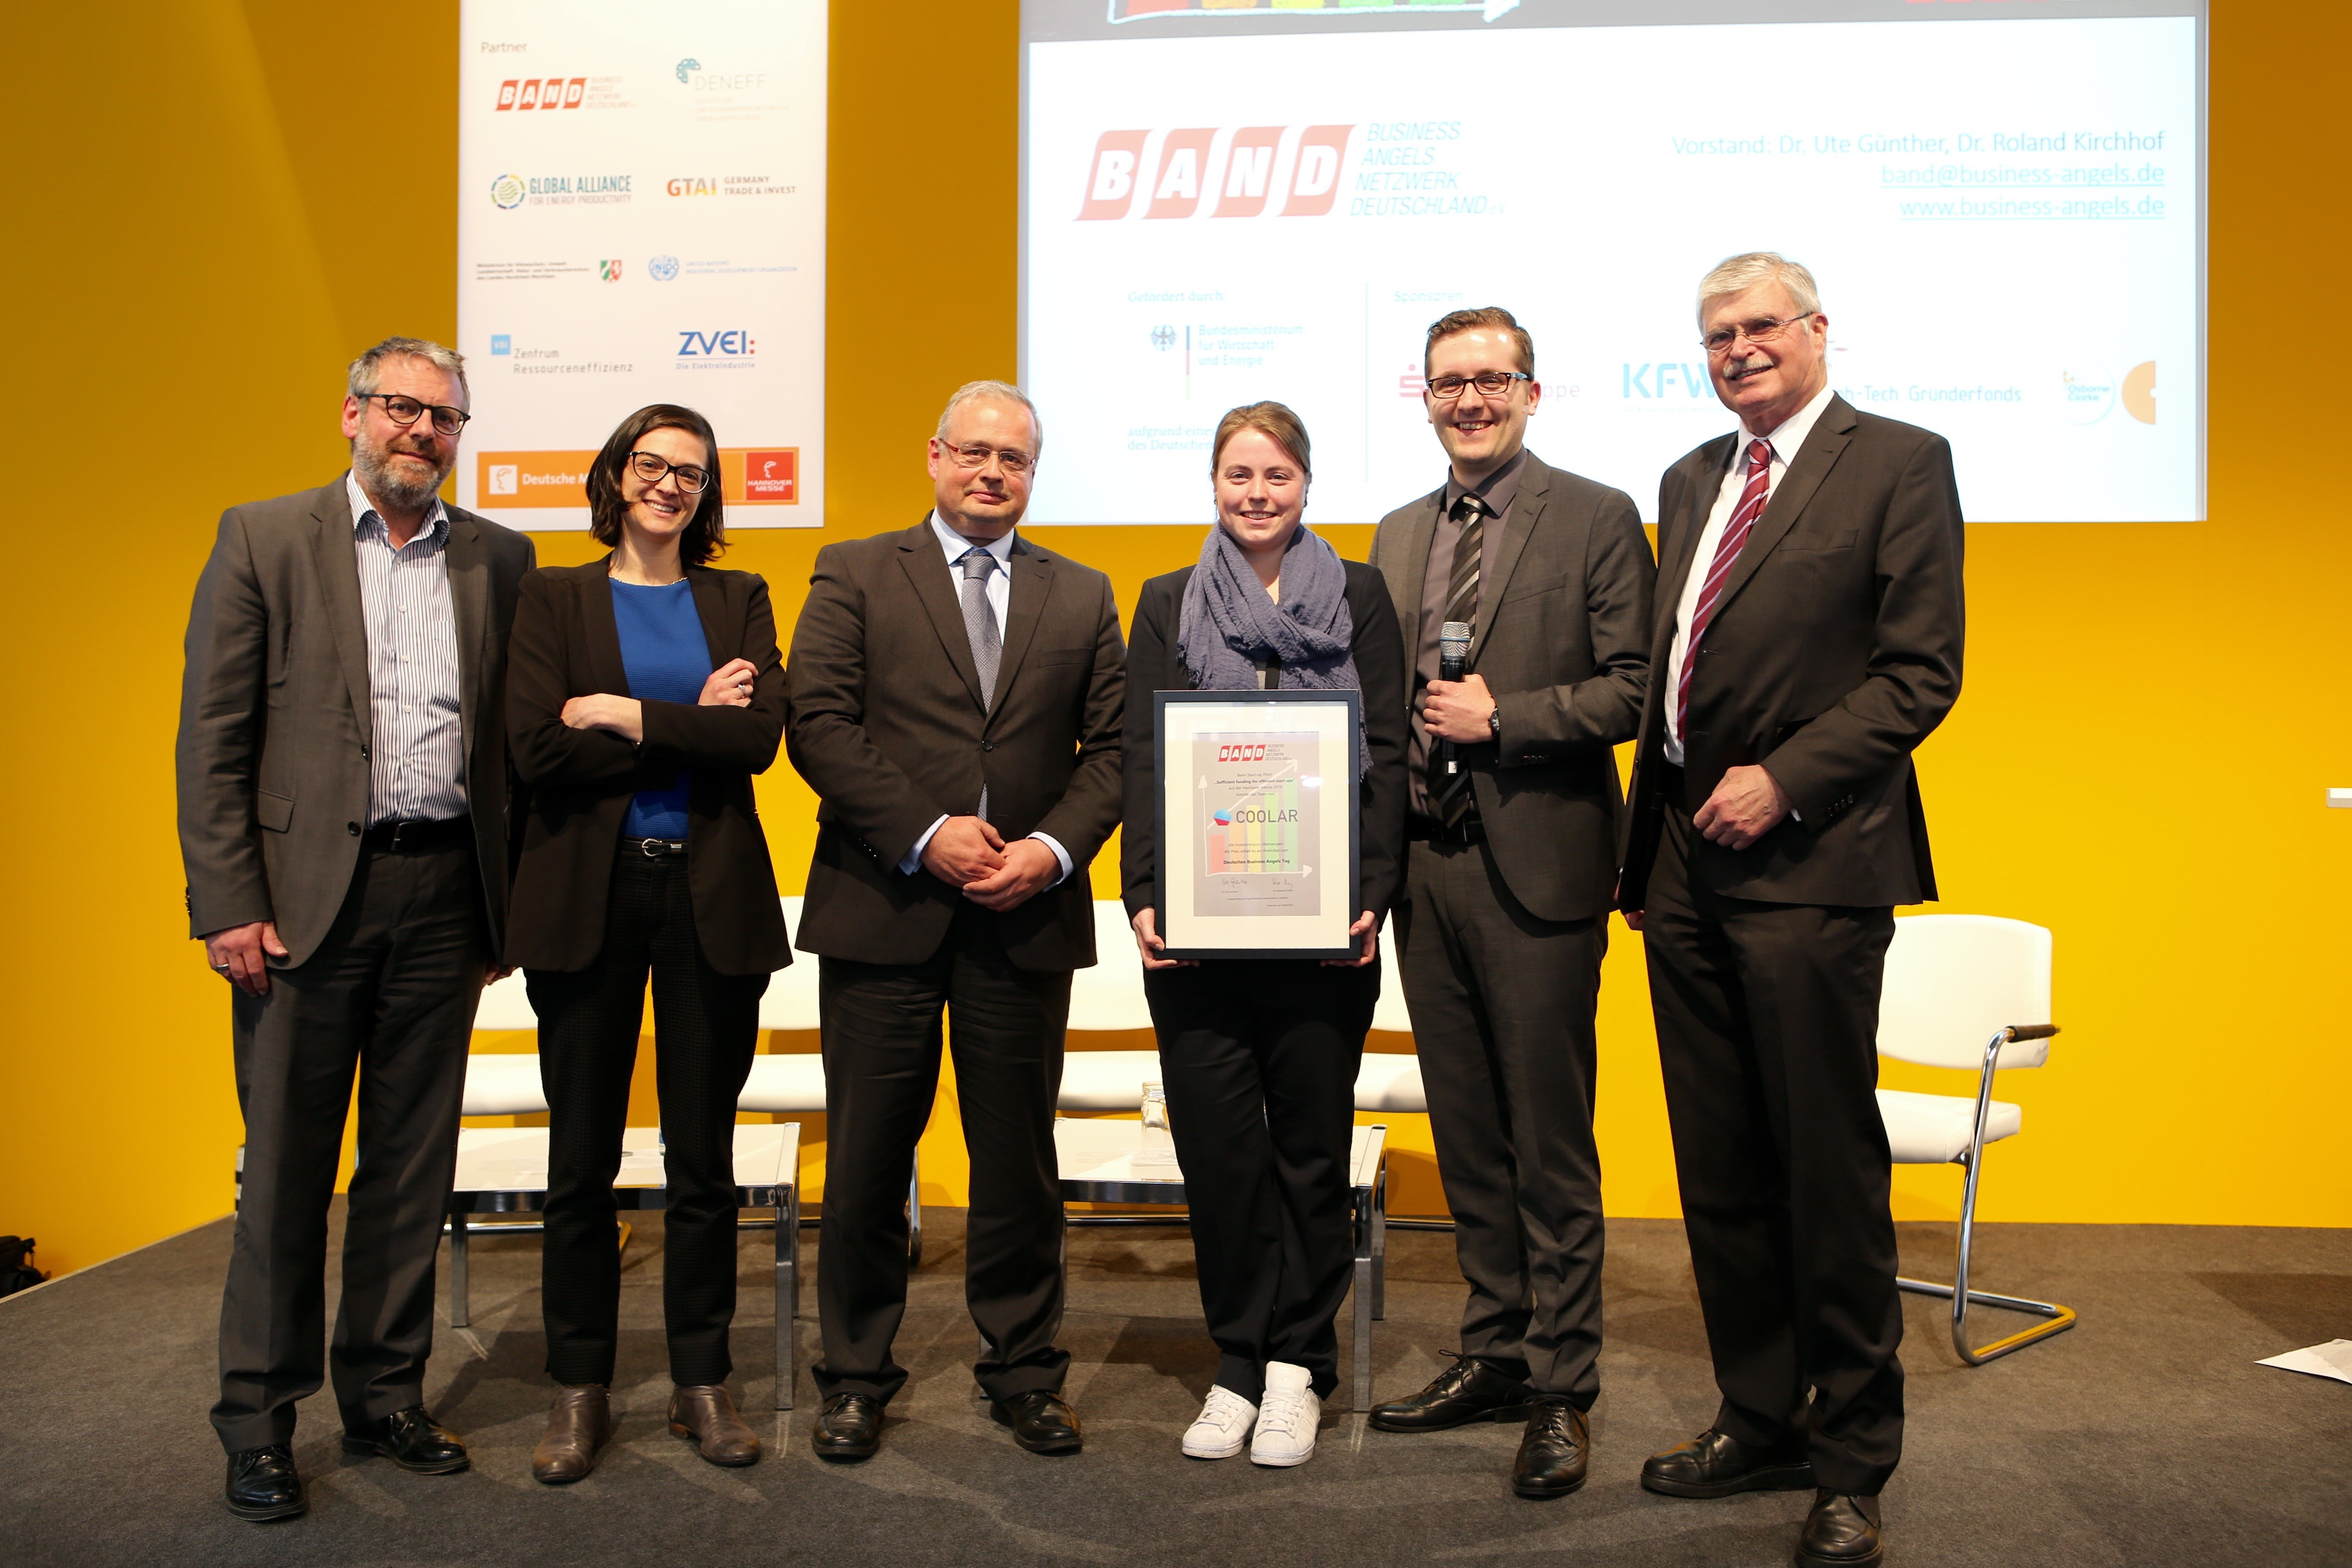 COOLAR gewinnt ein Freiticket zum Deutschen Business Angels Tag